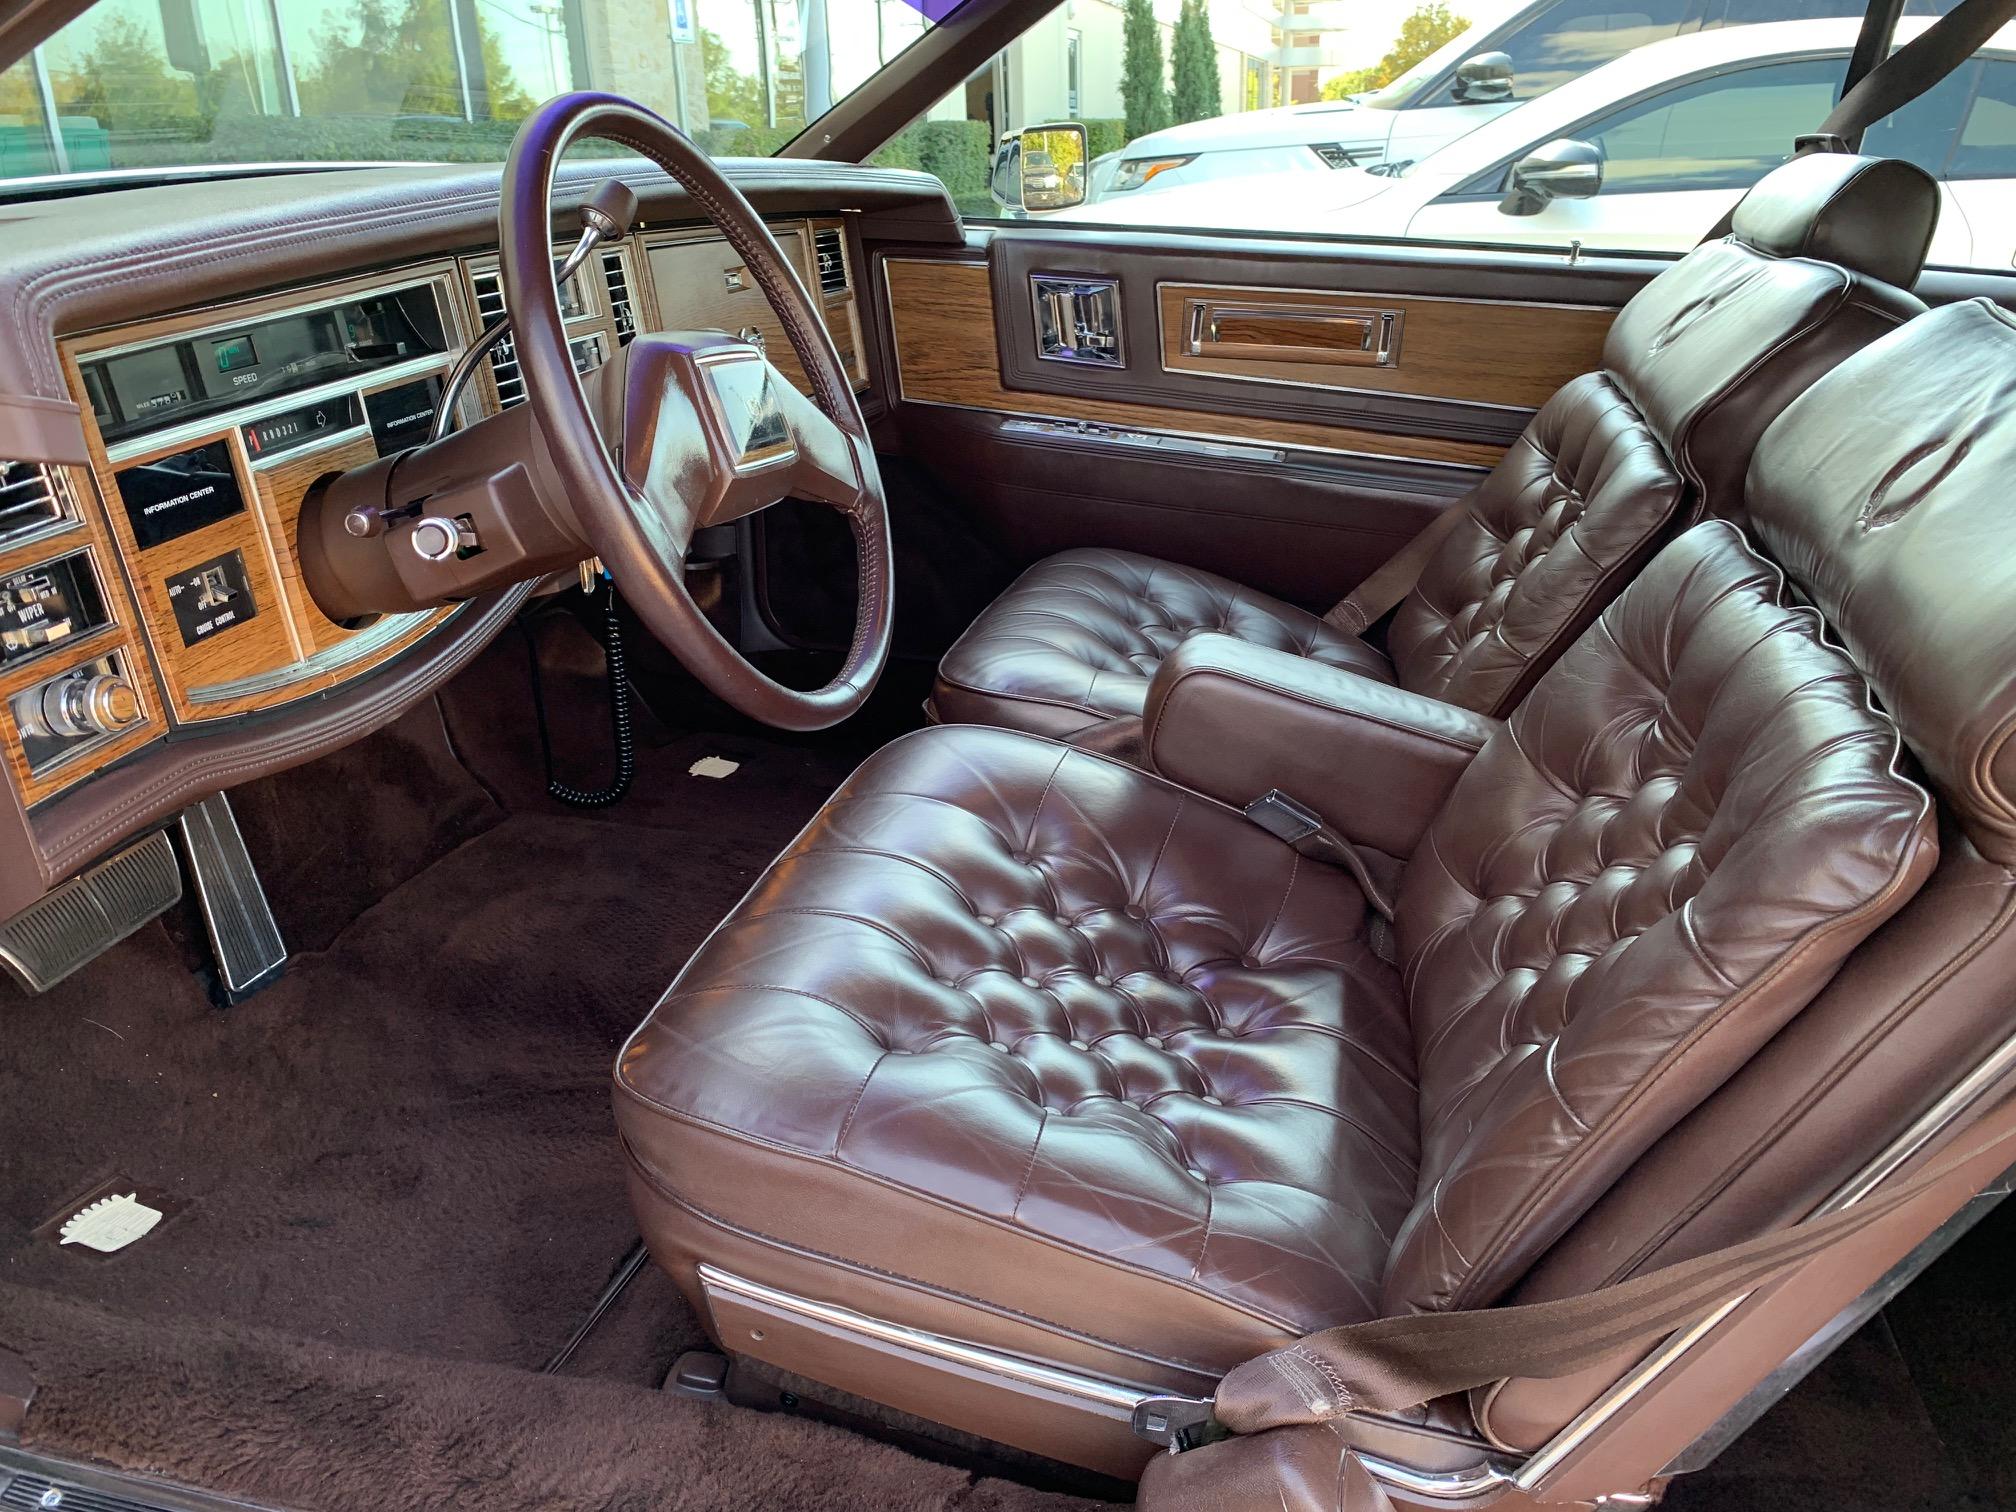 1983 cadillac eldorado biarritz for sale at vicari auctions biloxi 2019 1983 cadillac eldorado biarritz for